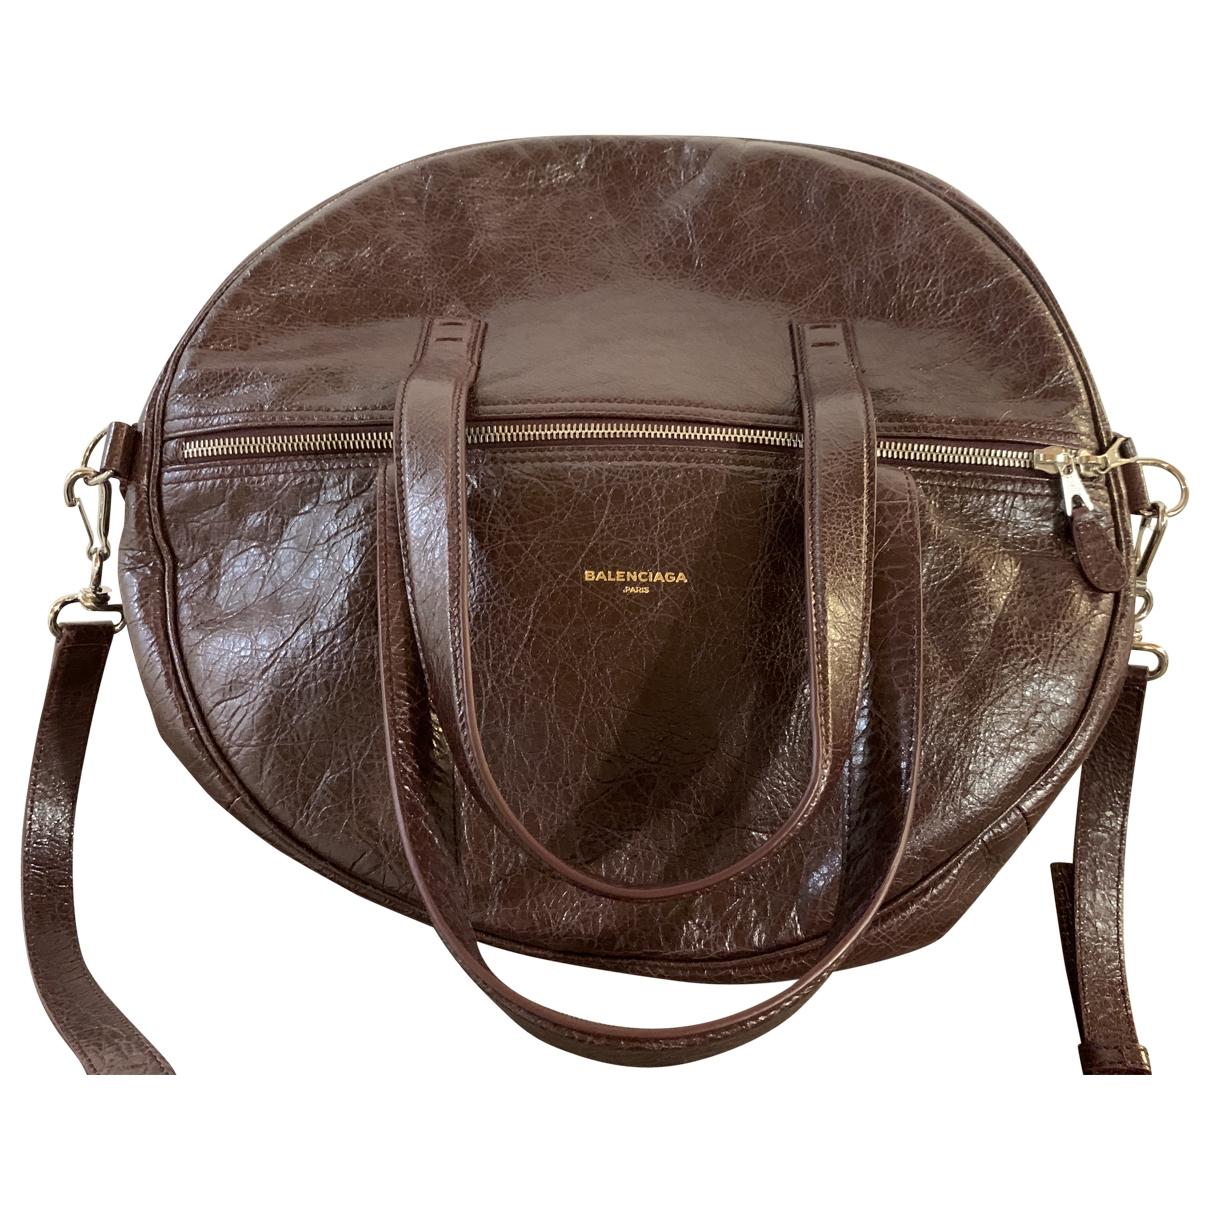 Balenciaga - Sac a main Air Hobo pour femme en cuir - bordeaux